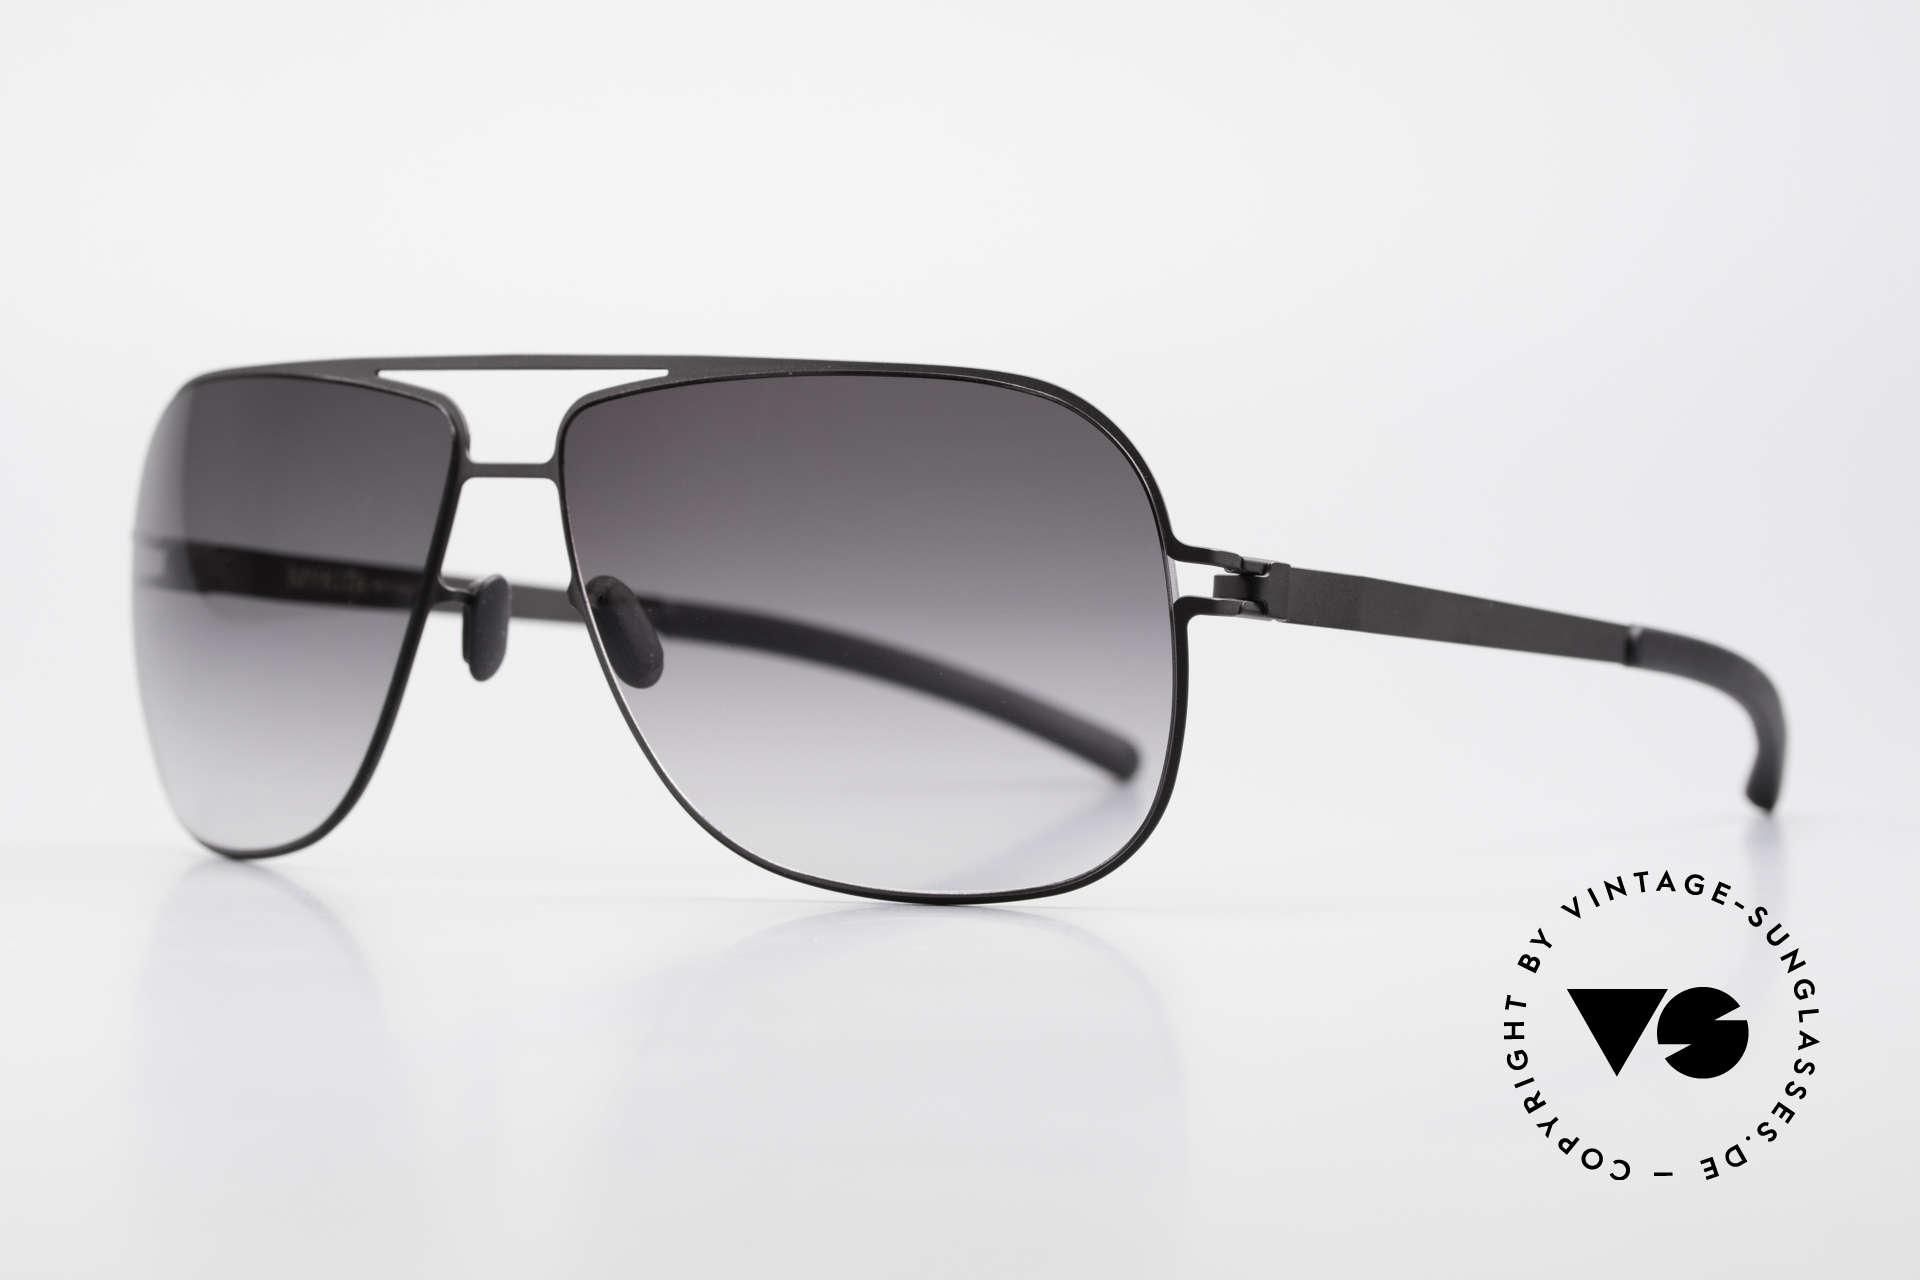 Mykita Rolf Brad Pitt Mykita Sonnenbrille, Model No.1 Sun Rolf Black, gray-gradient, in Gr. 59/12, Passend für Herren und Damen